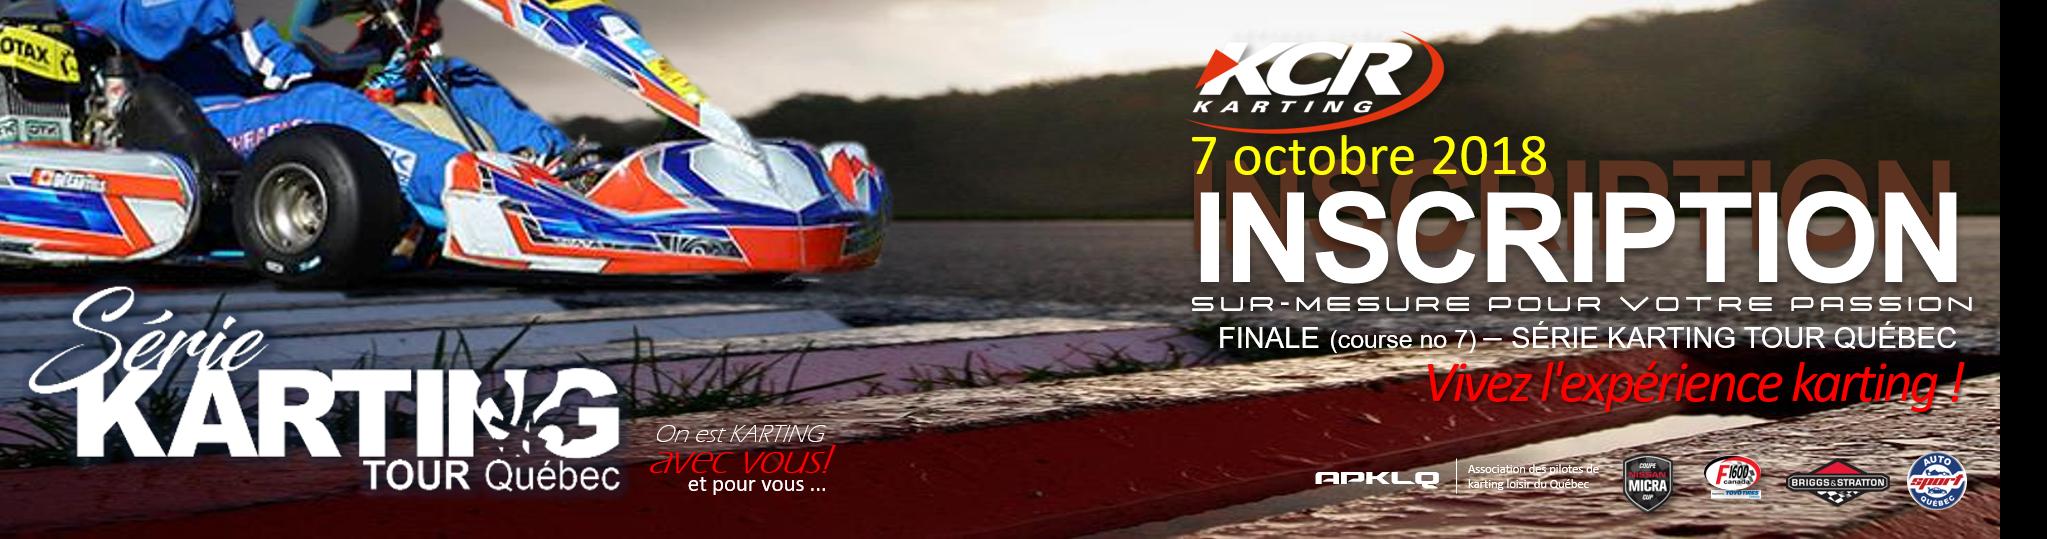 La  finale de la Série karting TOUR Québec en fin de semaine!